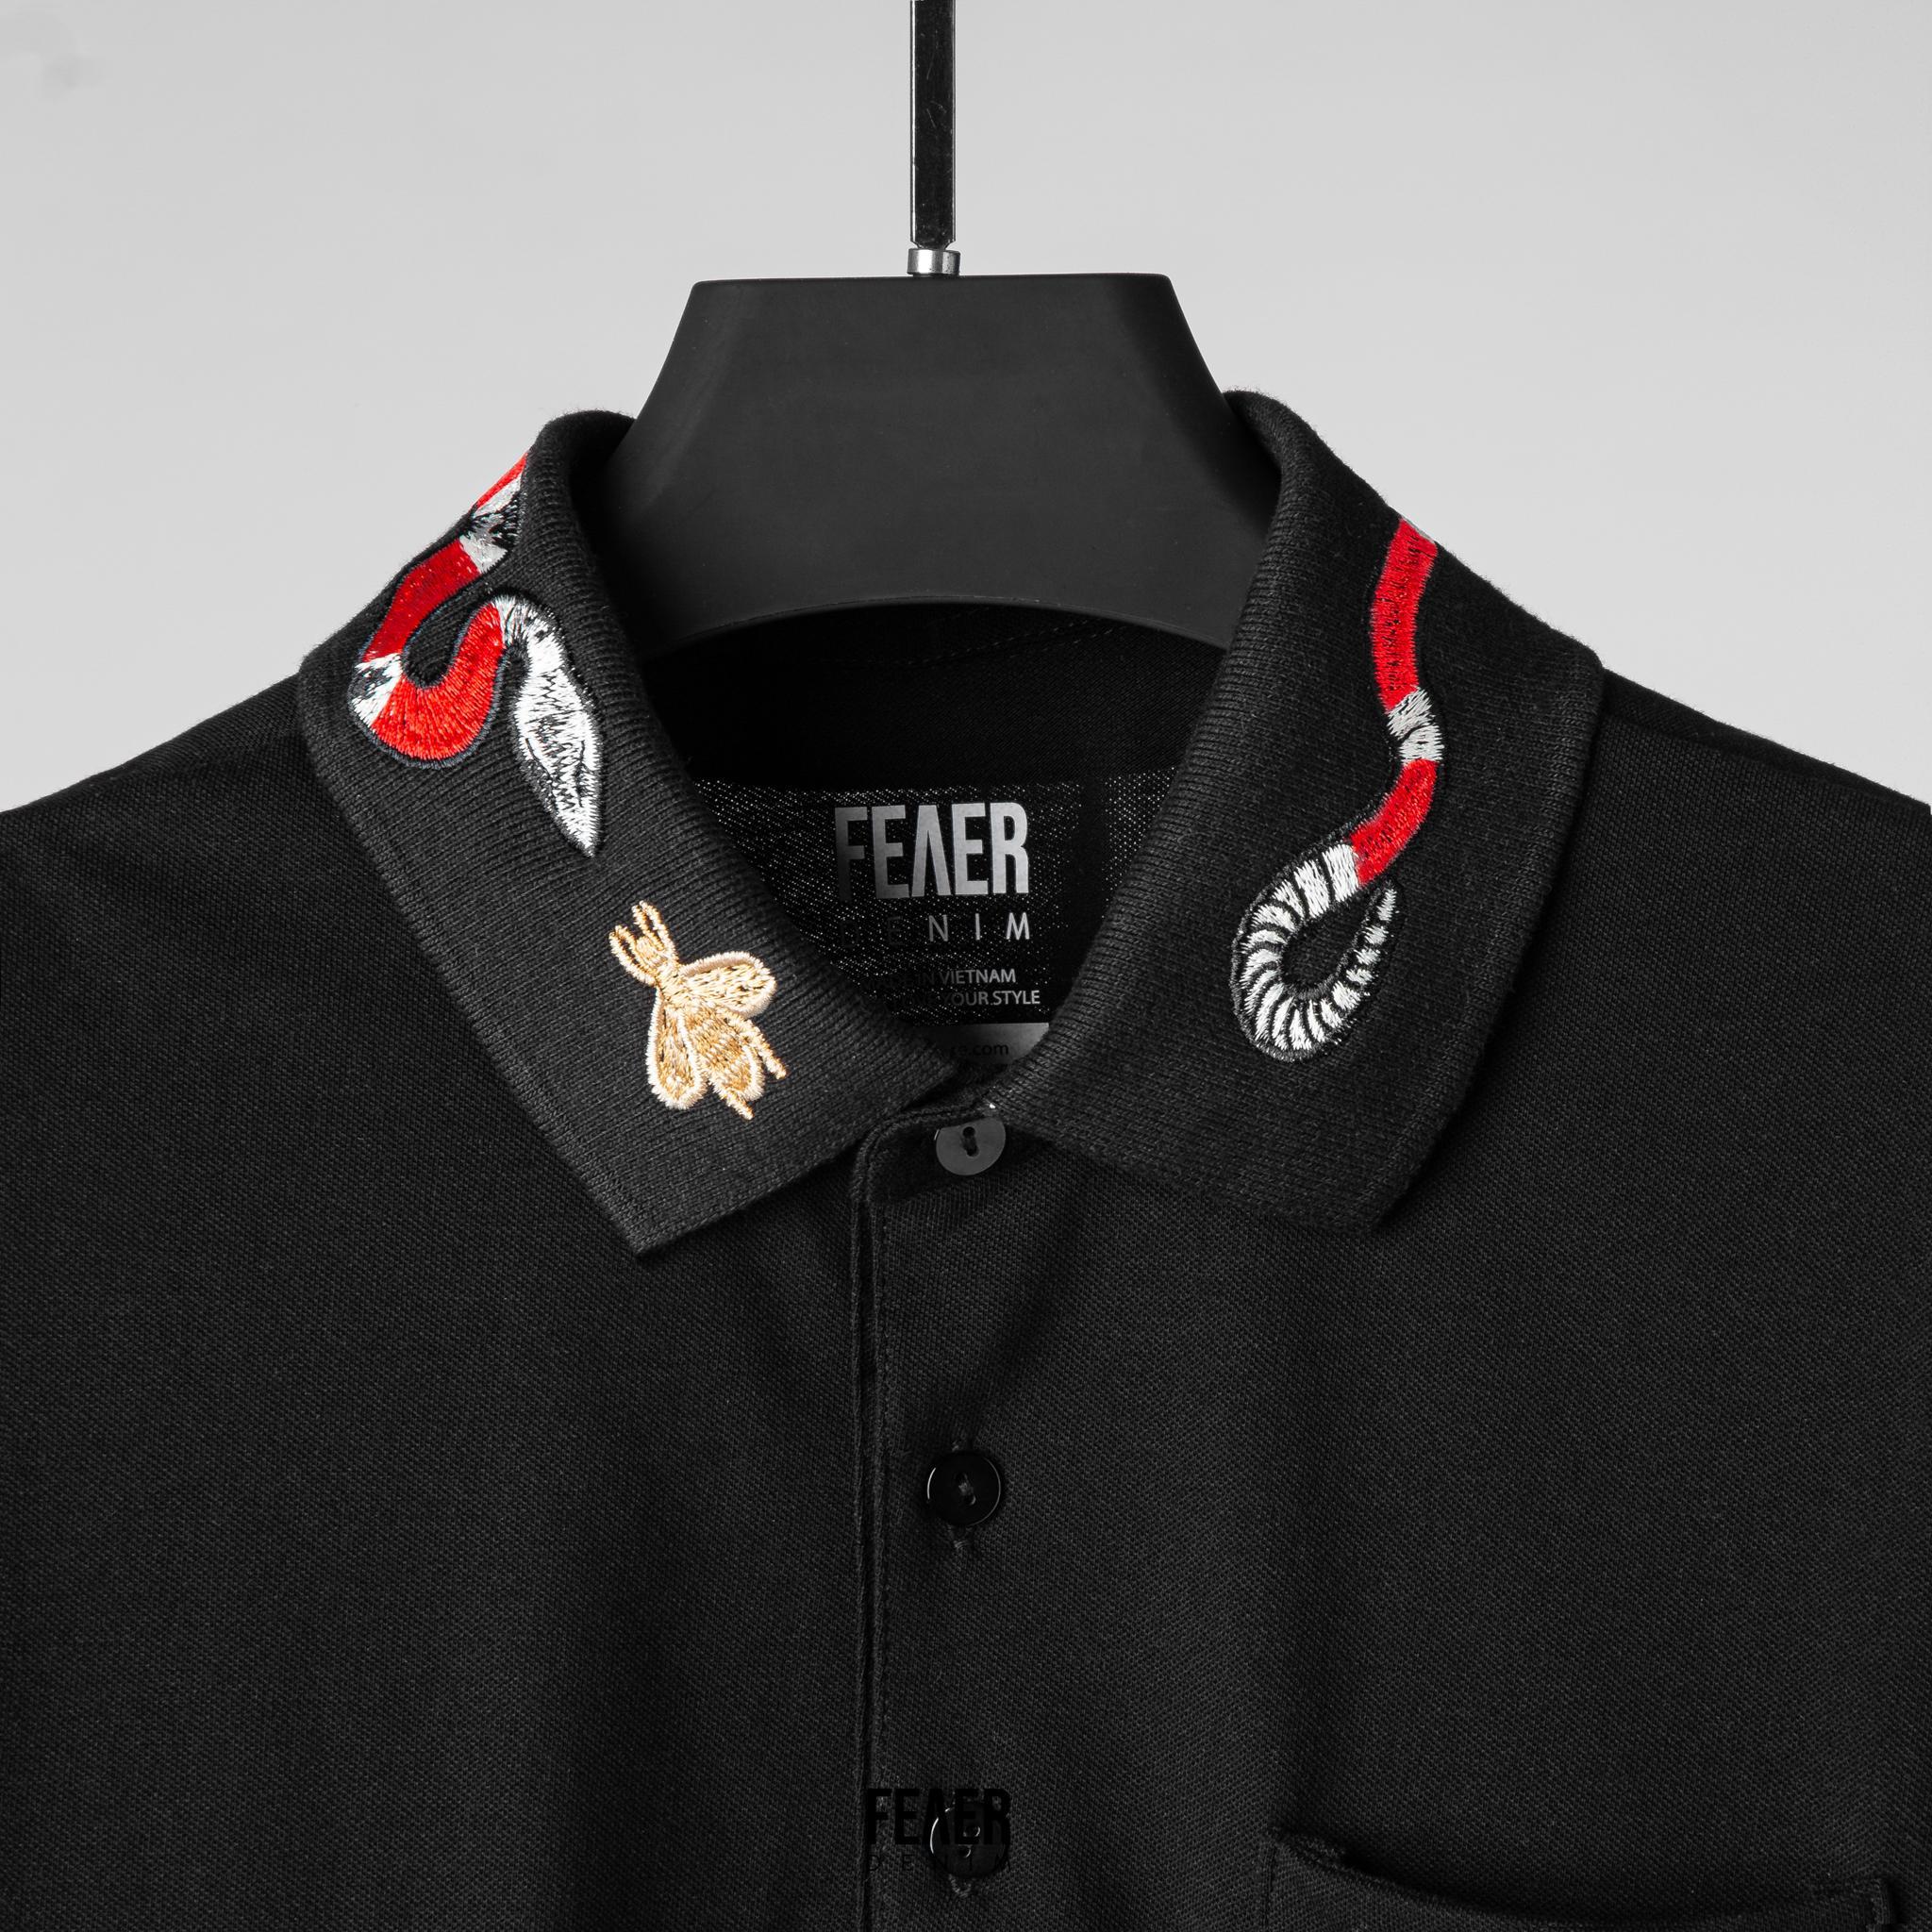 SP182 - Áo Polo Embroidered Collar